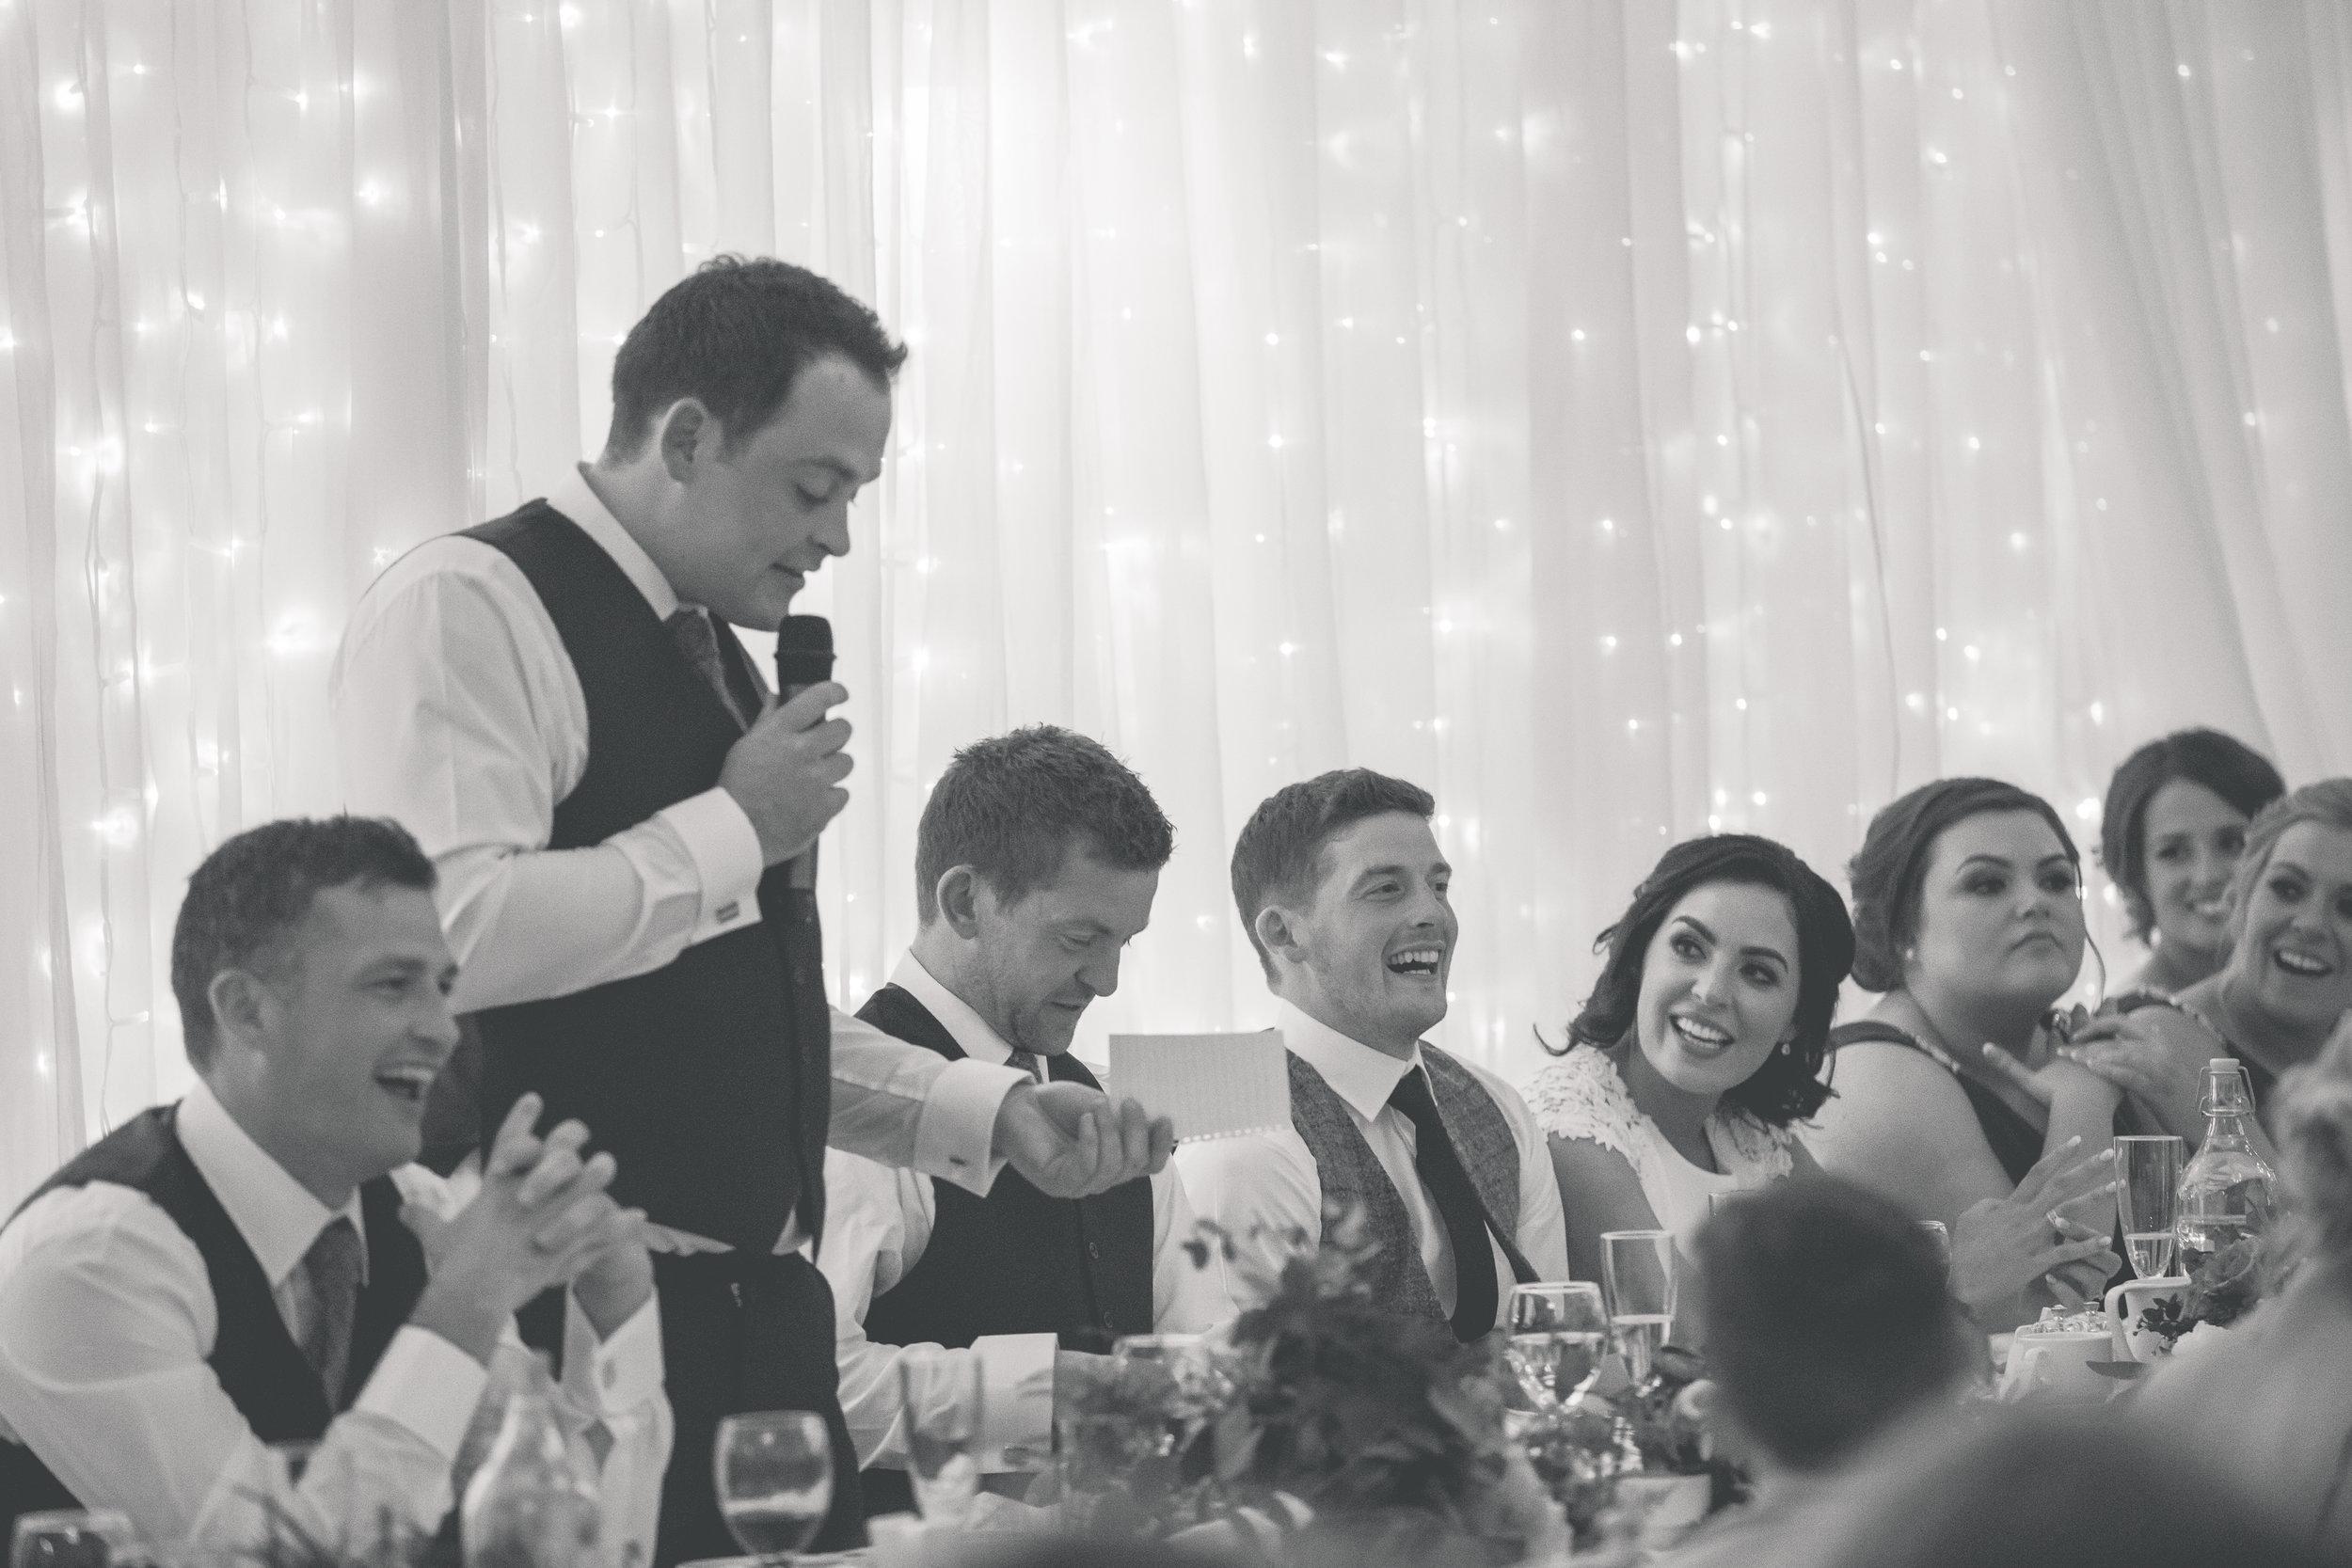 Brian McEwan Wedding Photography | Carol-Anne & Sean | The Speeches-101.jpg